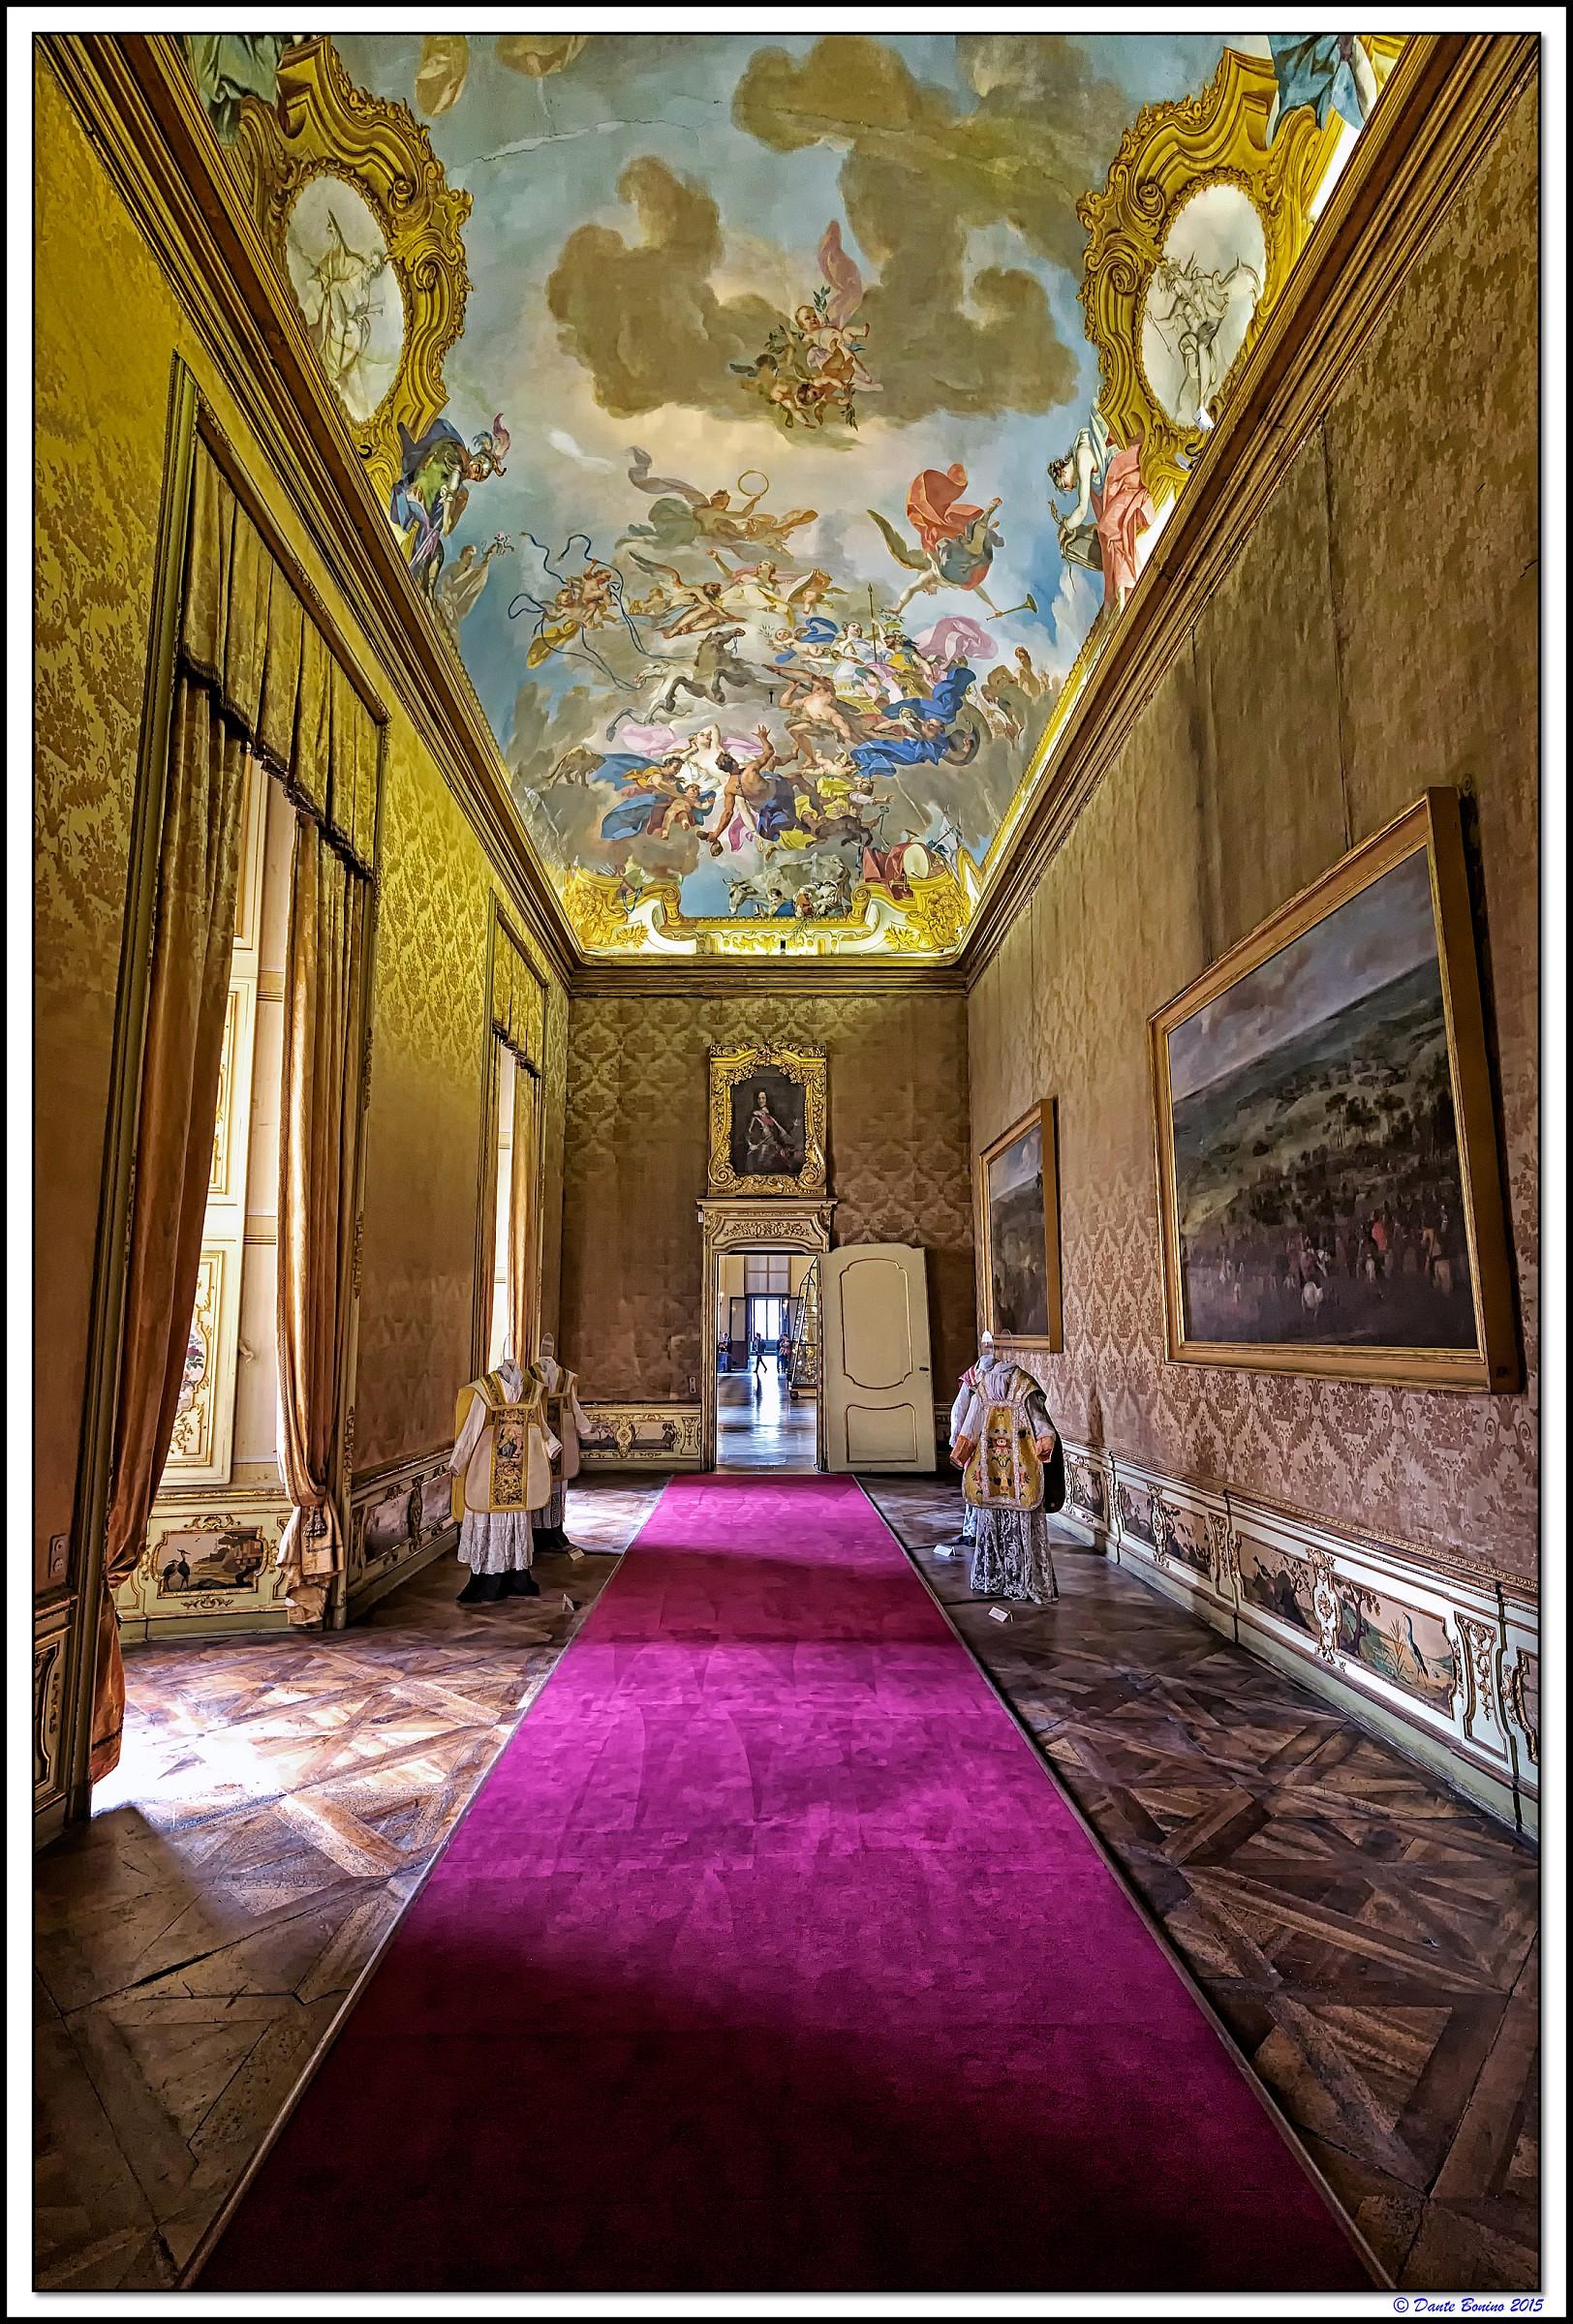 Palazzo reale salone dei quadri moderni juzaphoto for Compro quadri moderni